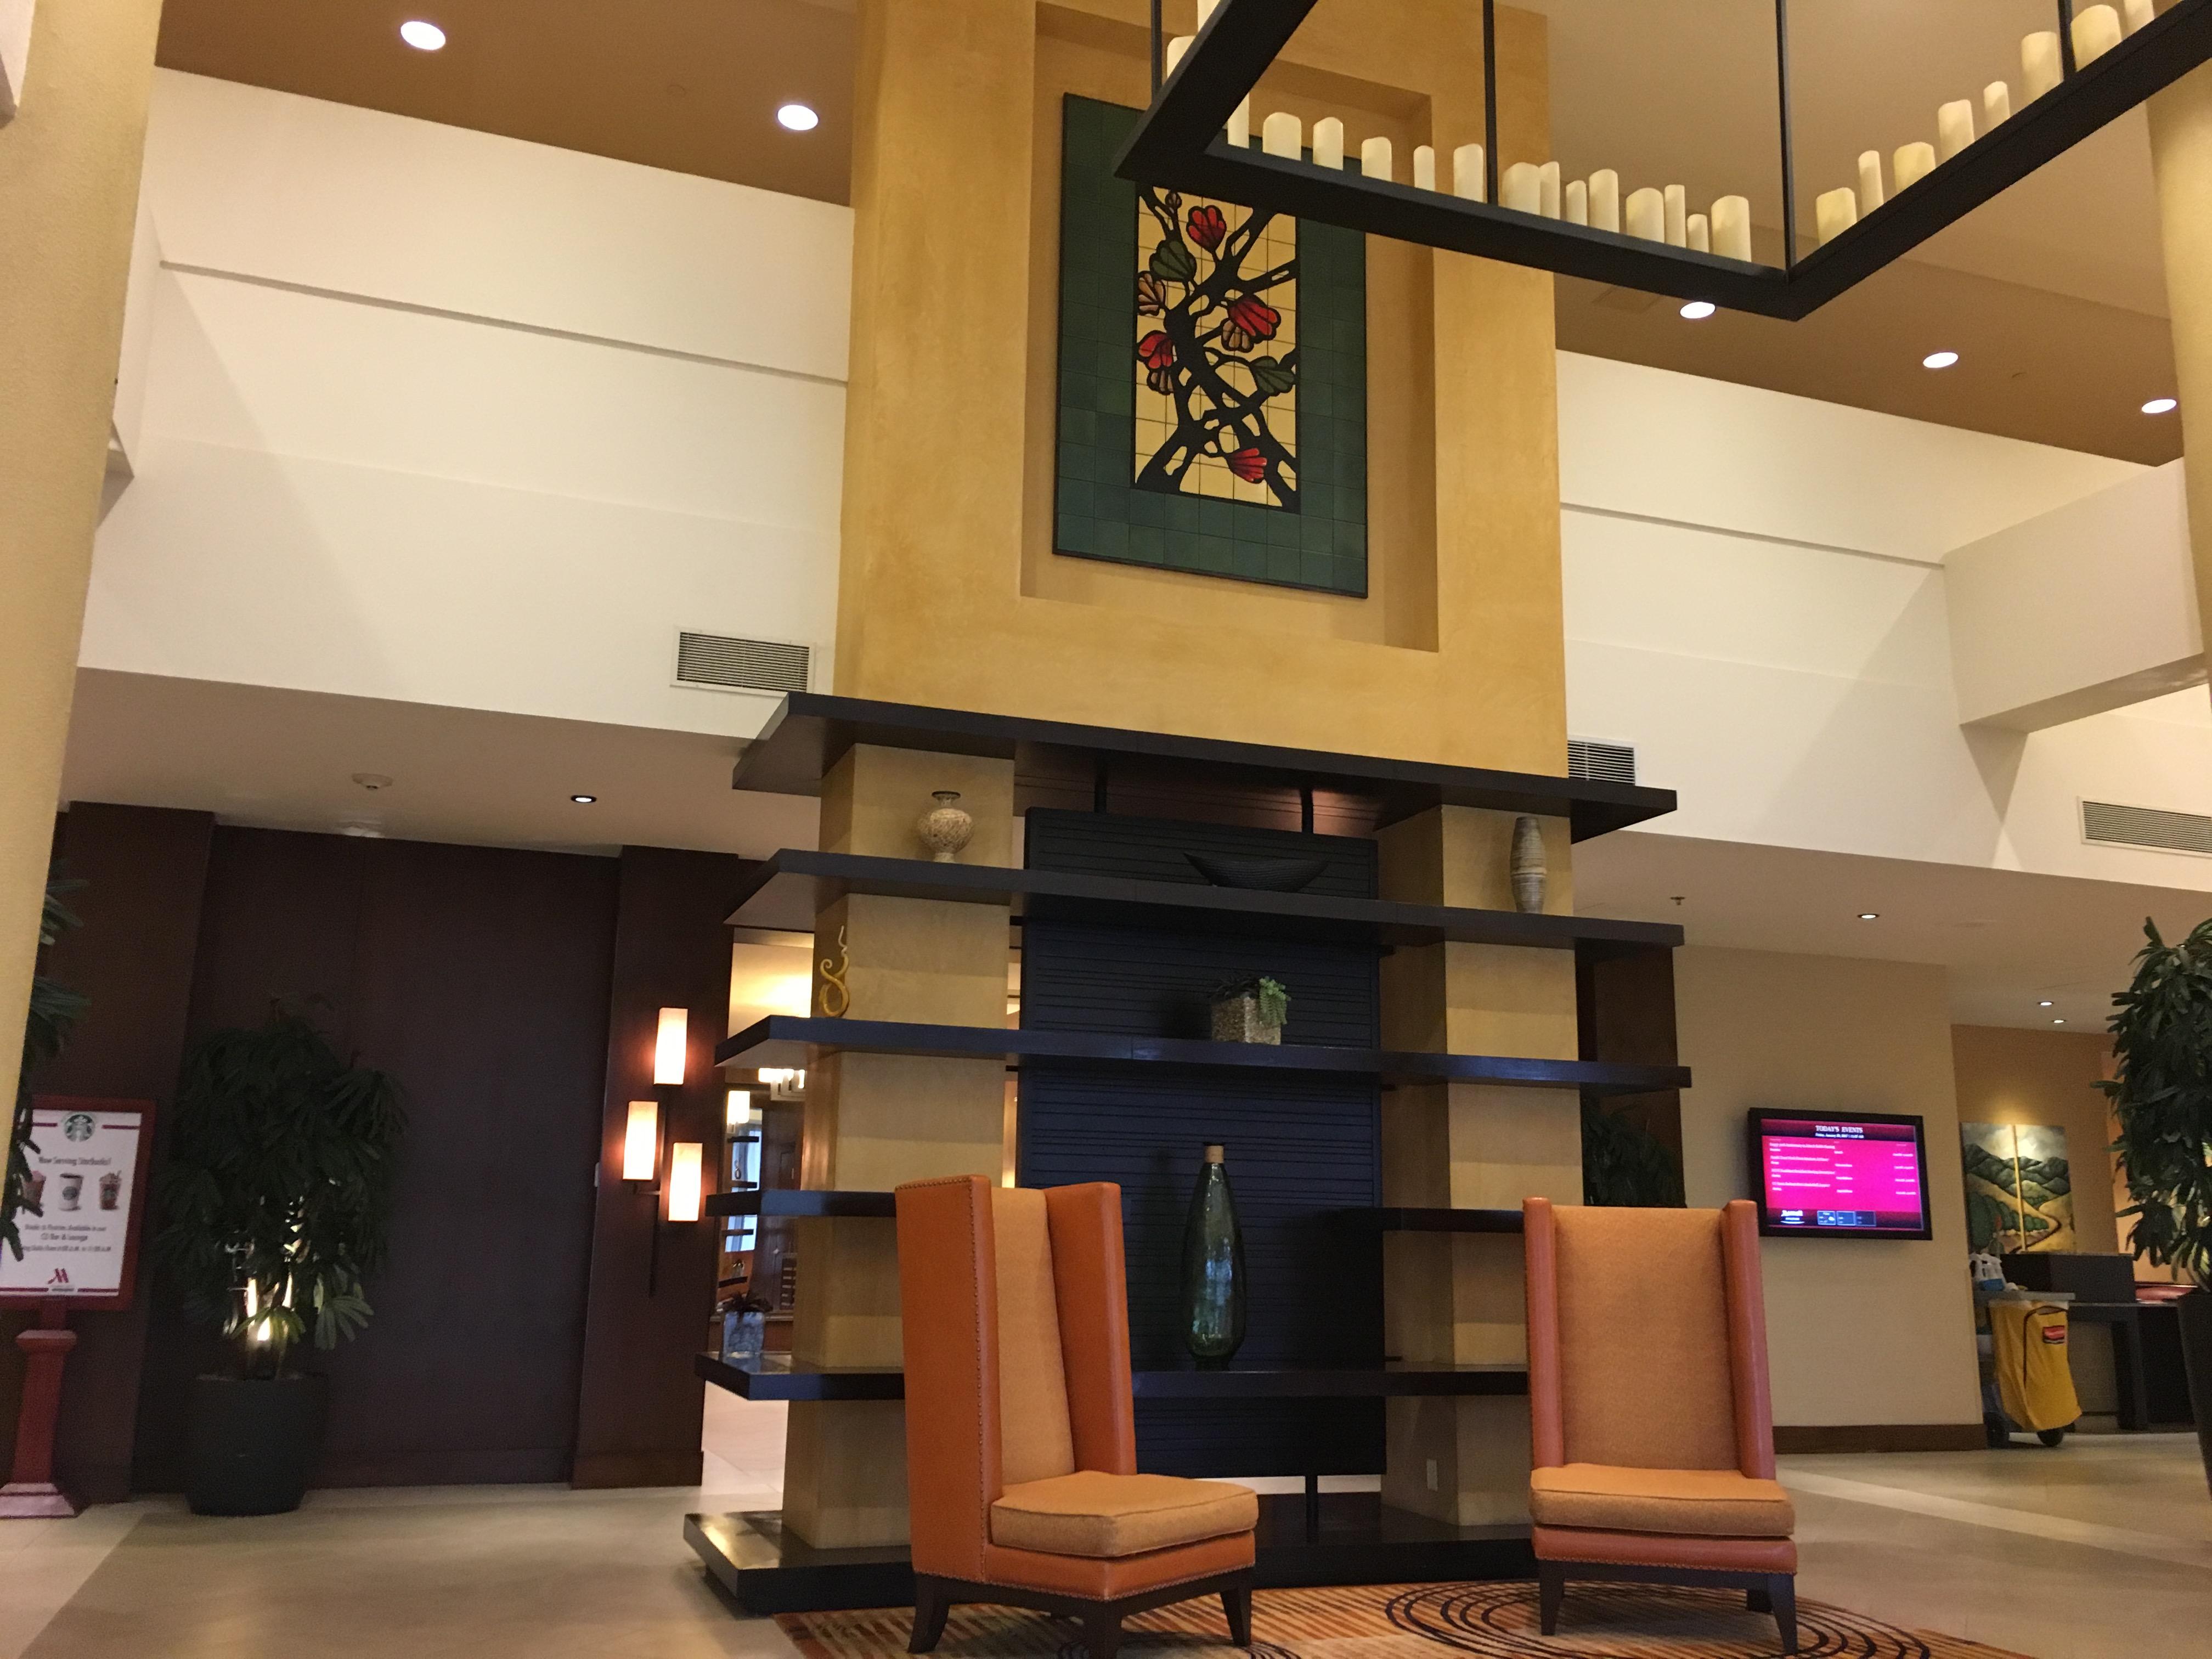 riverside-marriott-lobby